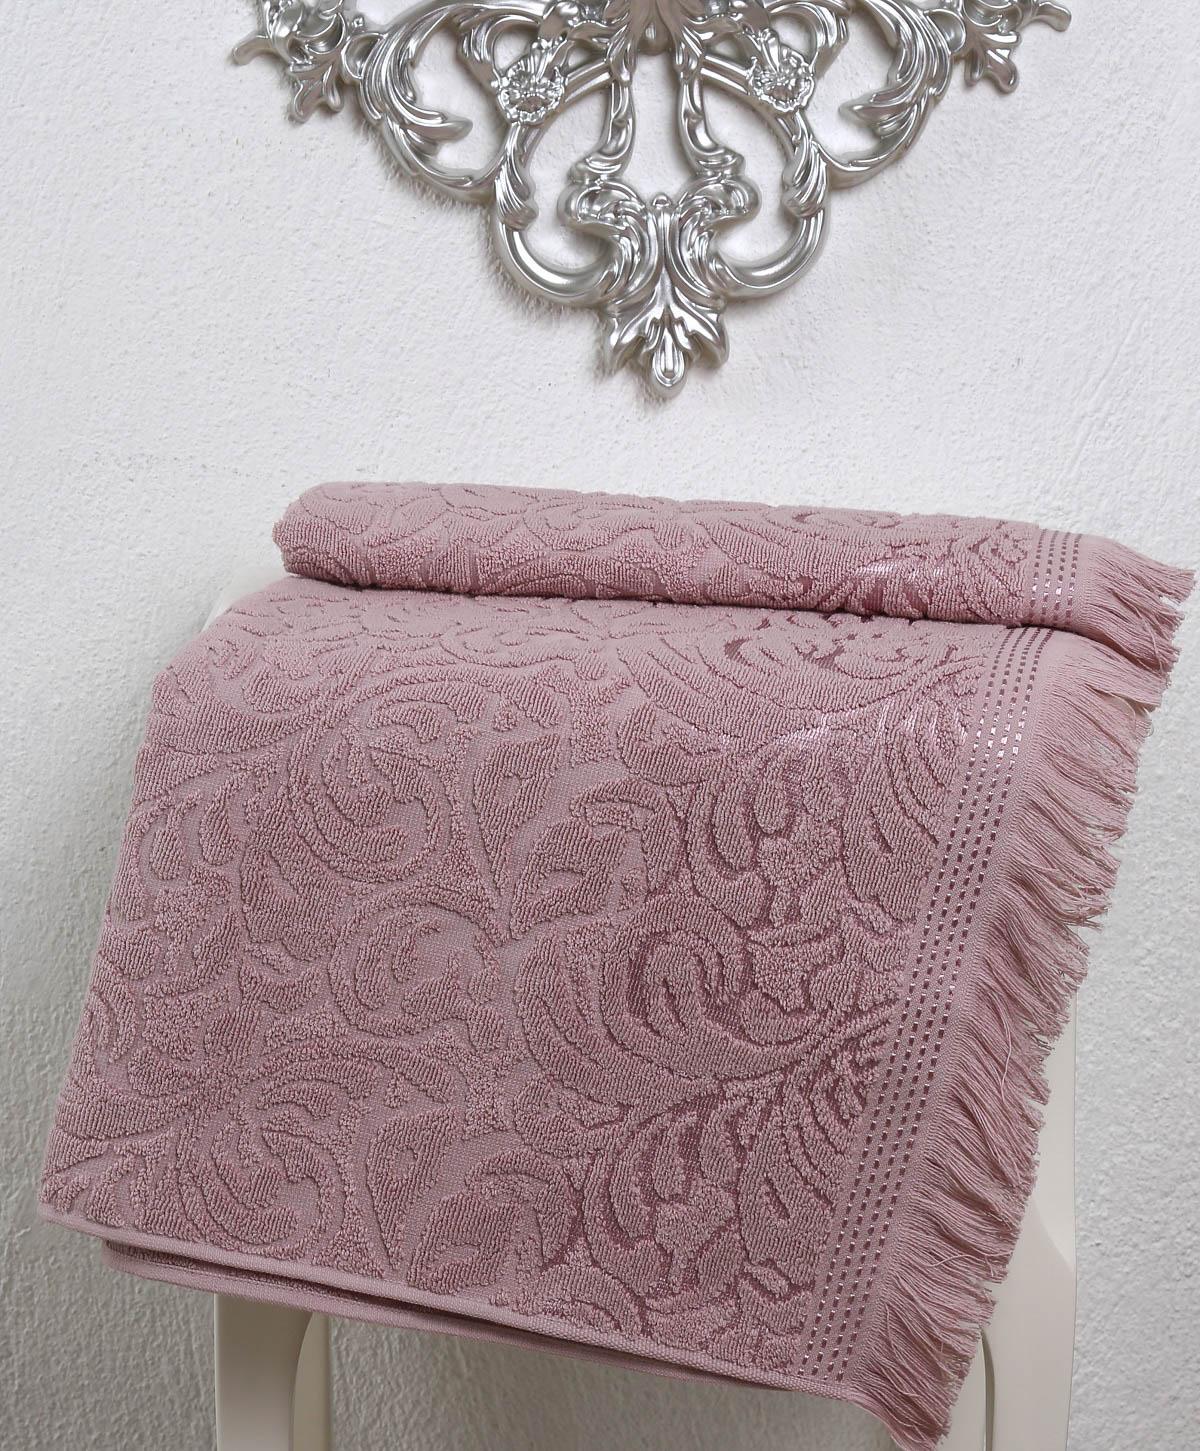 Полотенца Karna Полотенце Esra Цвет: Грязно-Розовый (70х140 см) полотенца karna полотенце iteka цвет коричневый 70х140 см